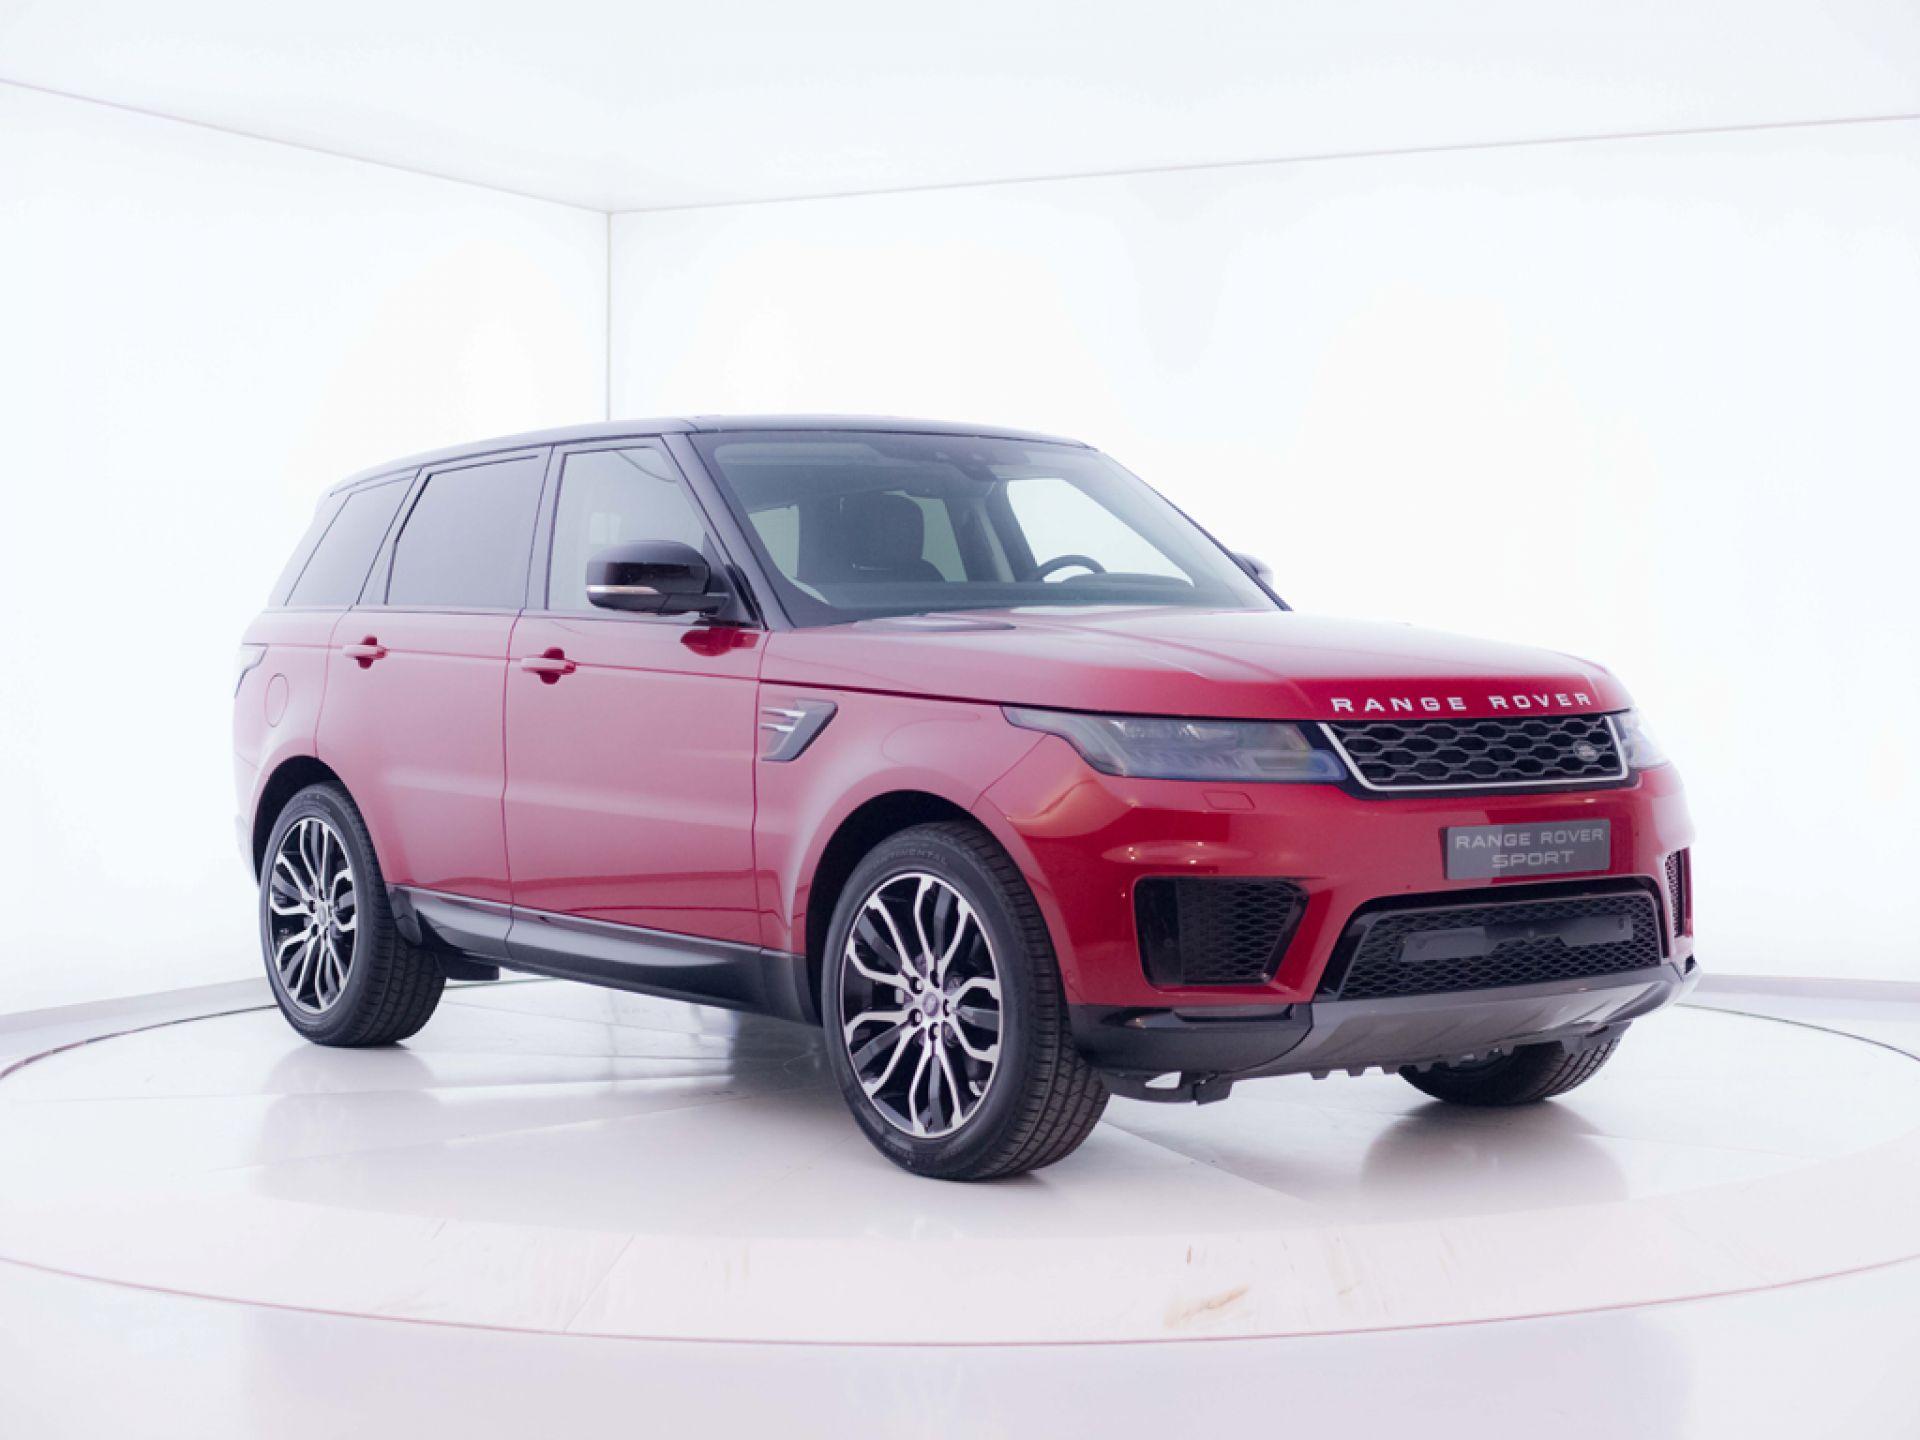 Land Rover Range Rover Sport 2.0 Si4 (300CV) HSE